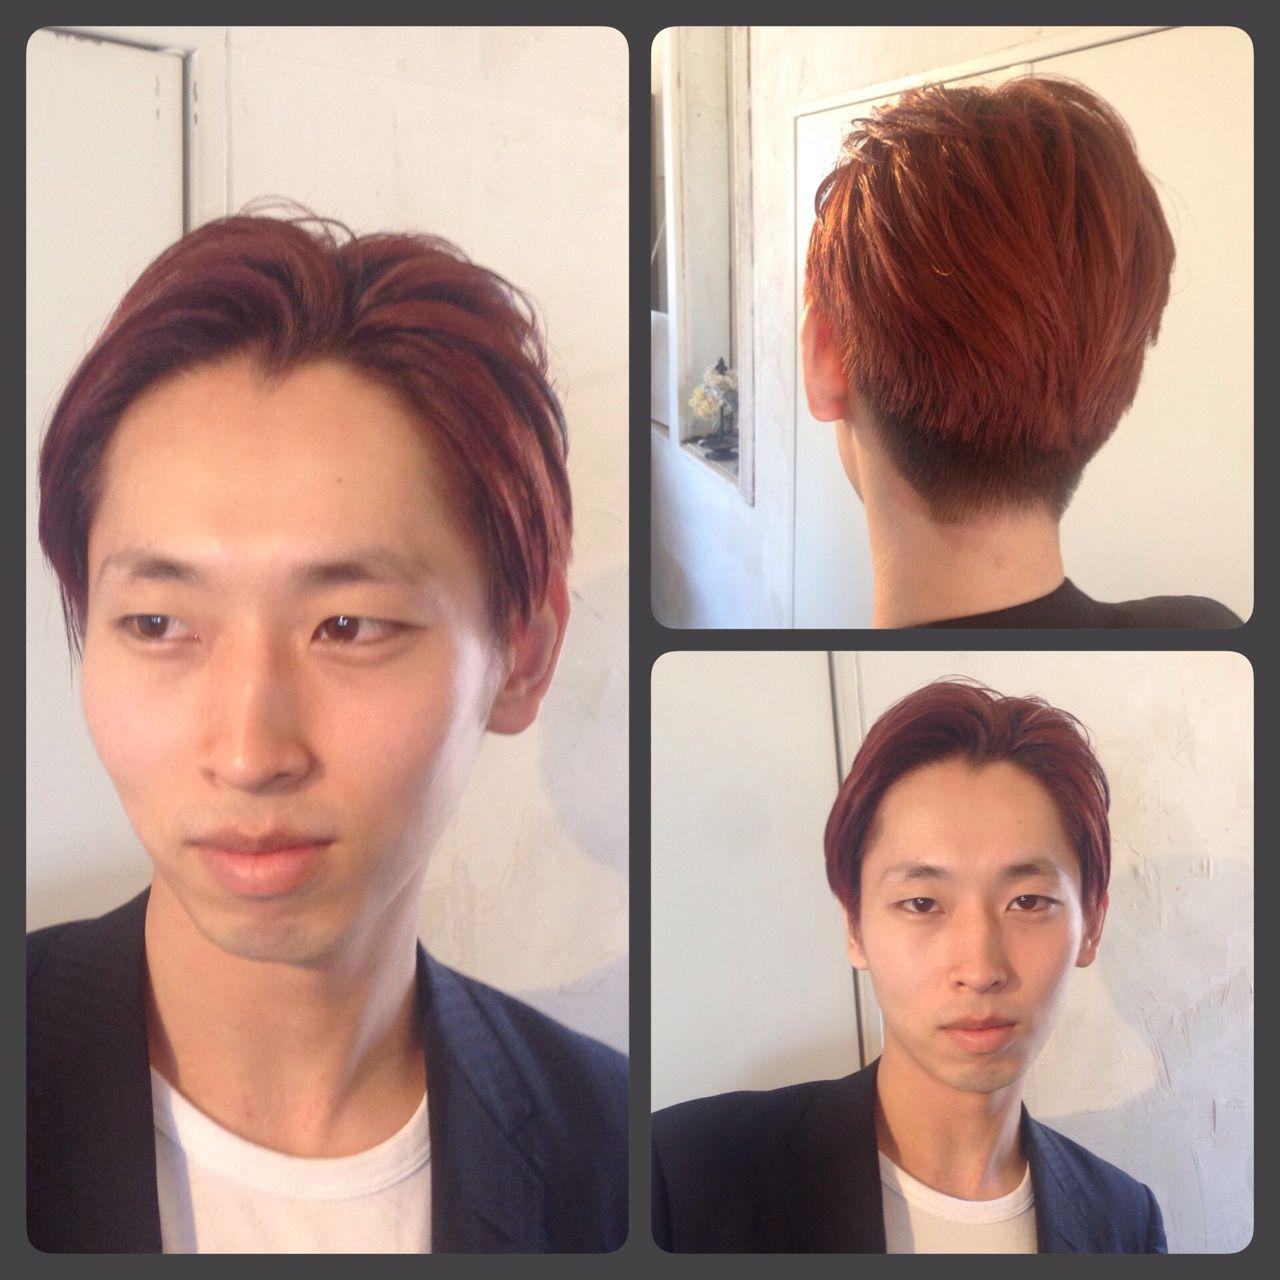 モテ髪 ストリート 刈り上げ ボーイッシュ ヘアスタイルや髪型の写真・画像